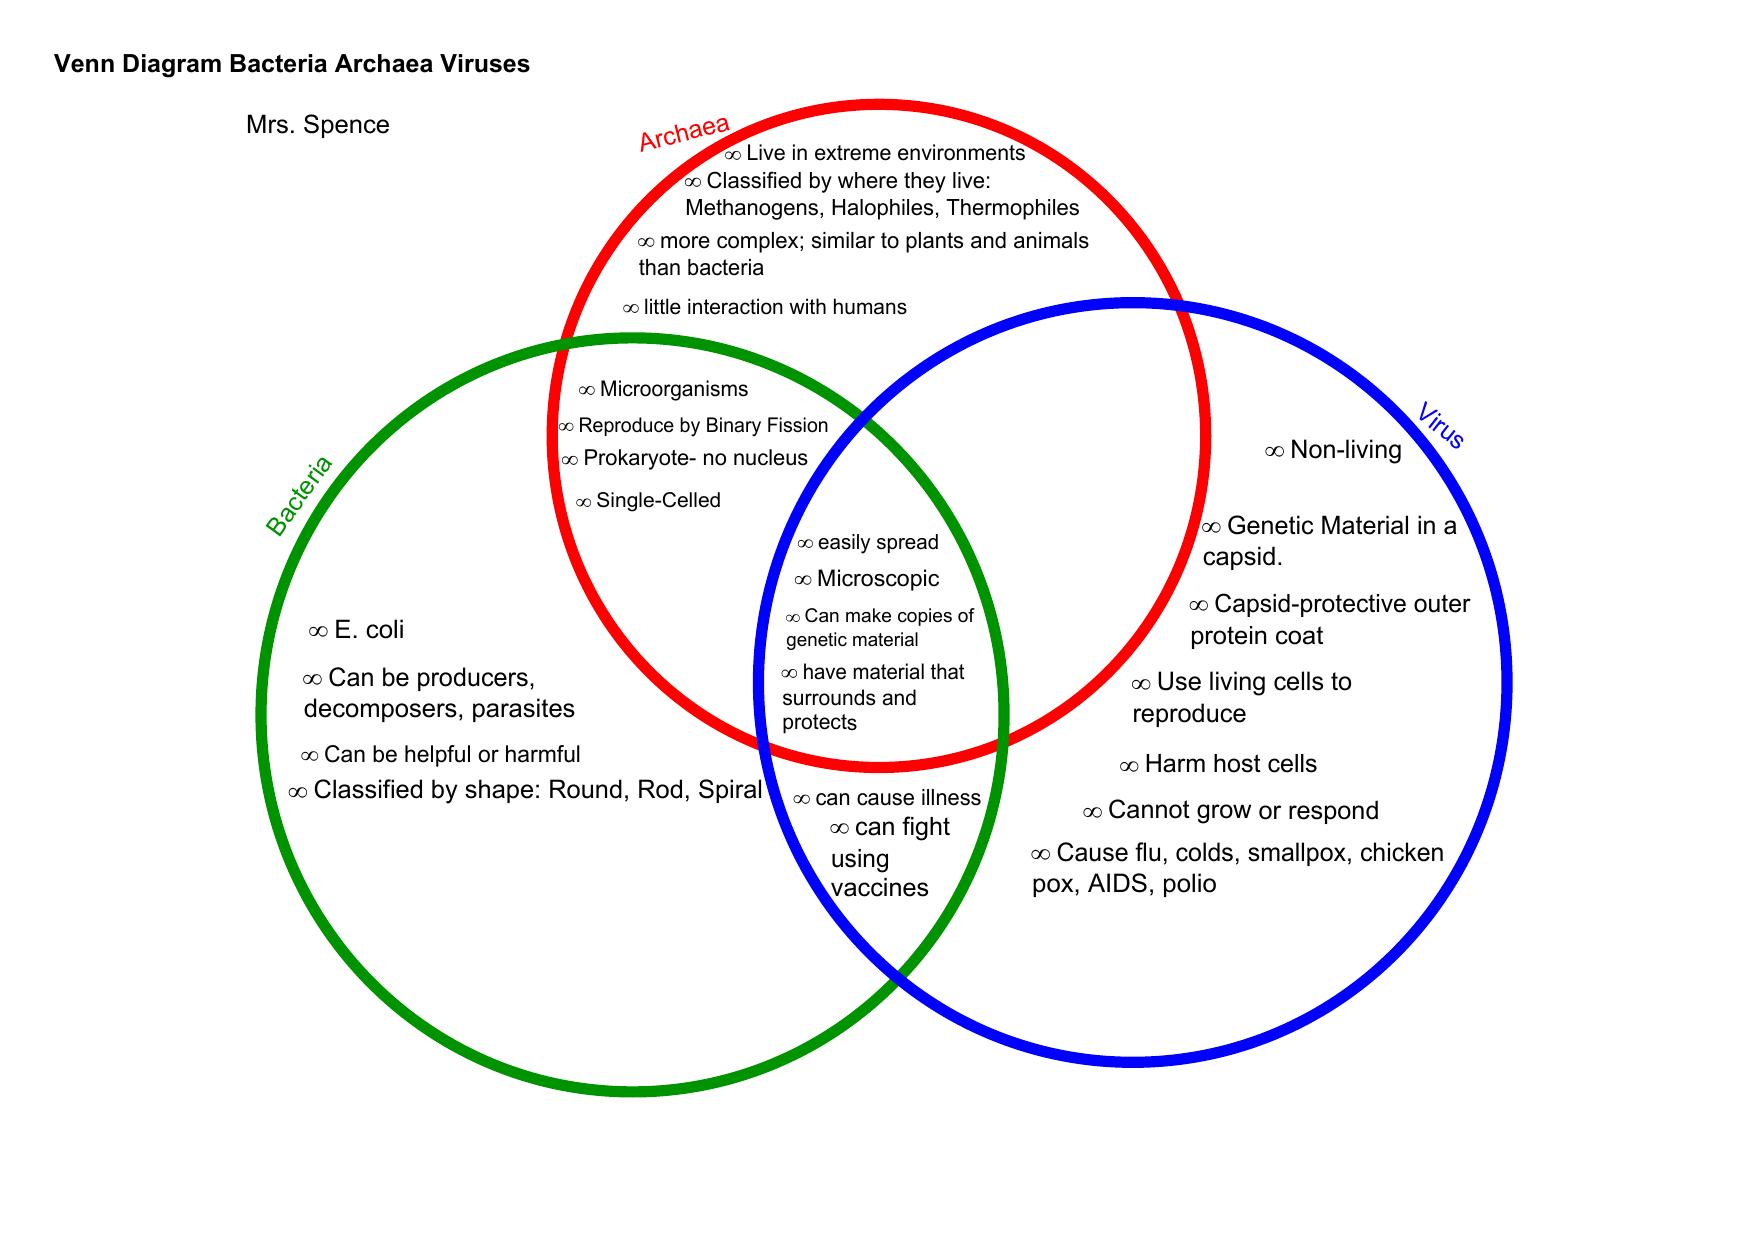 29 Bacteria And Viruses Venn Diagram